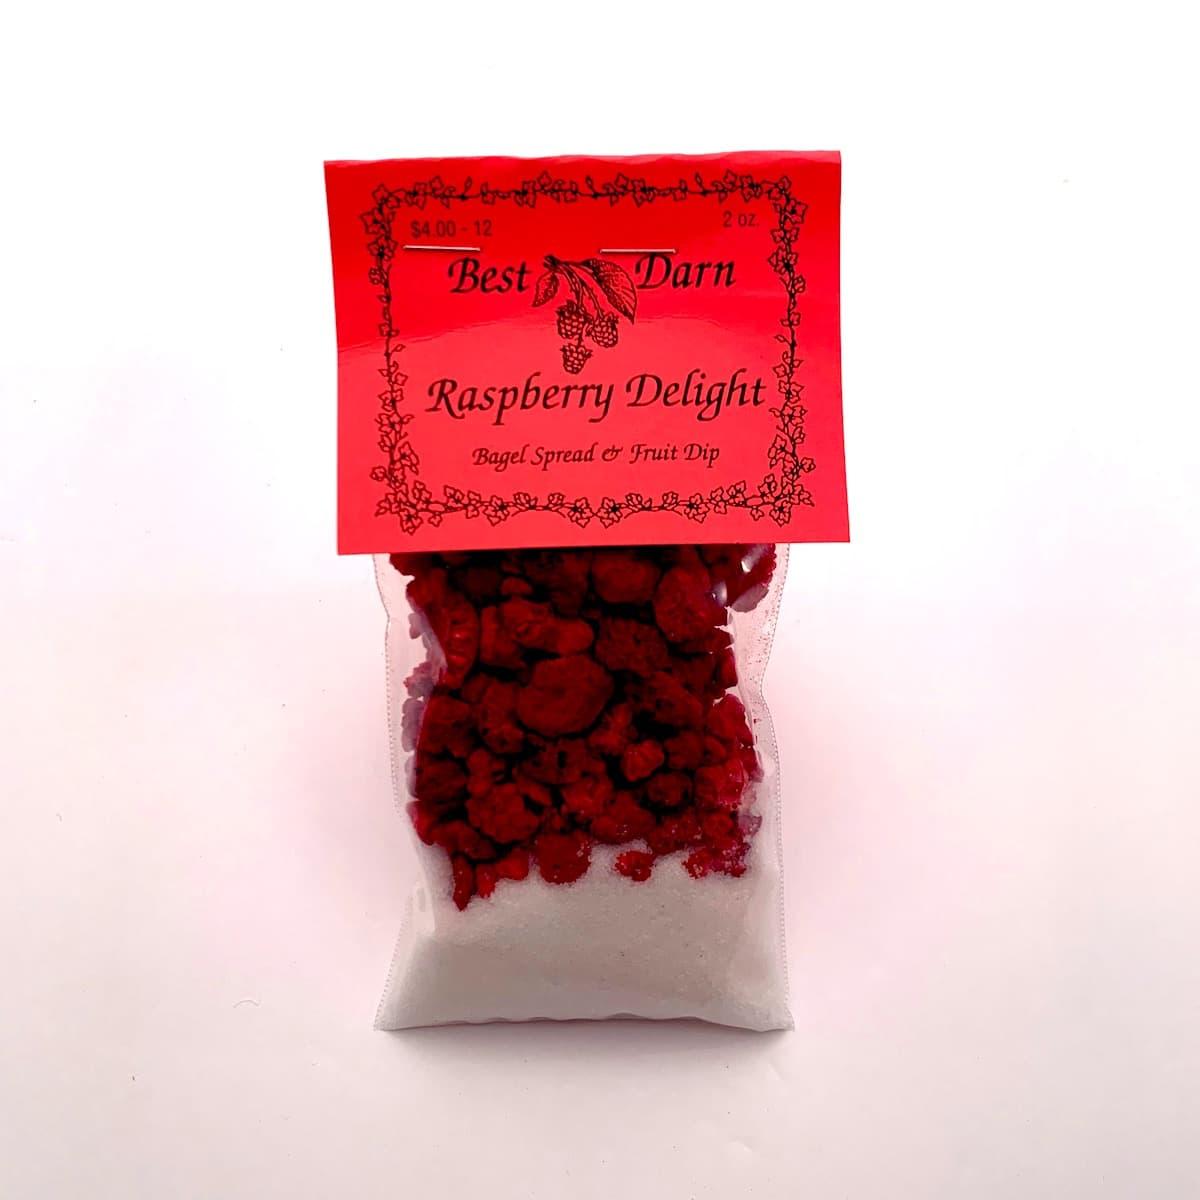 Raspberry Bagel Spread Or Fruit Dip Best Darn Foods